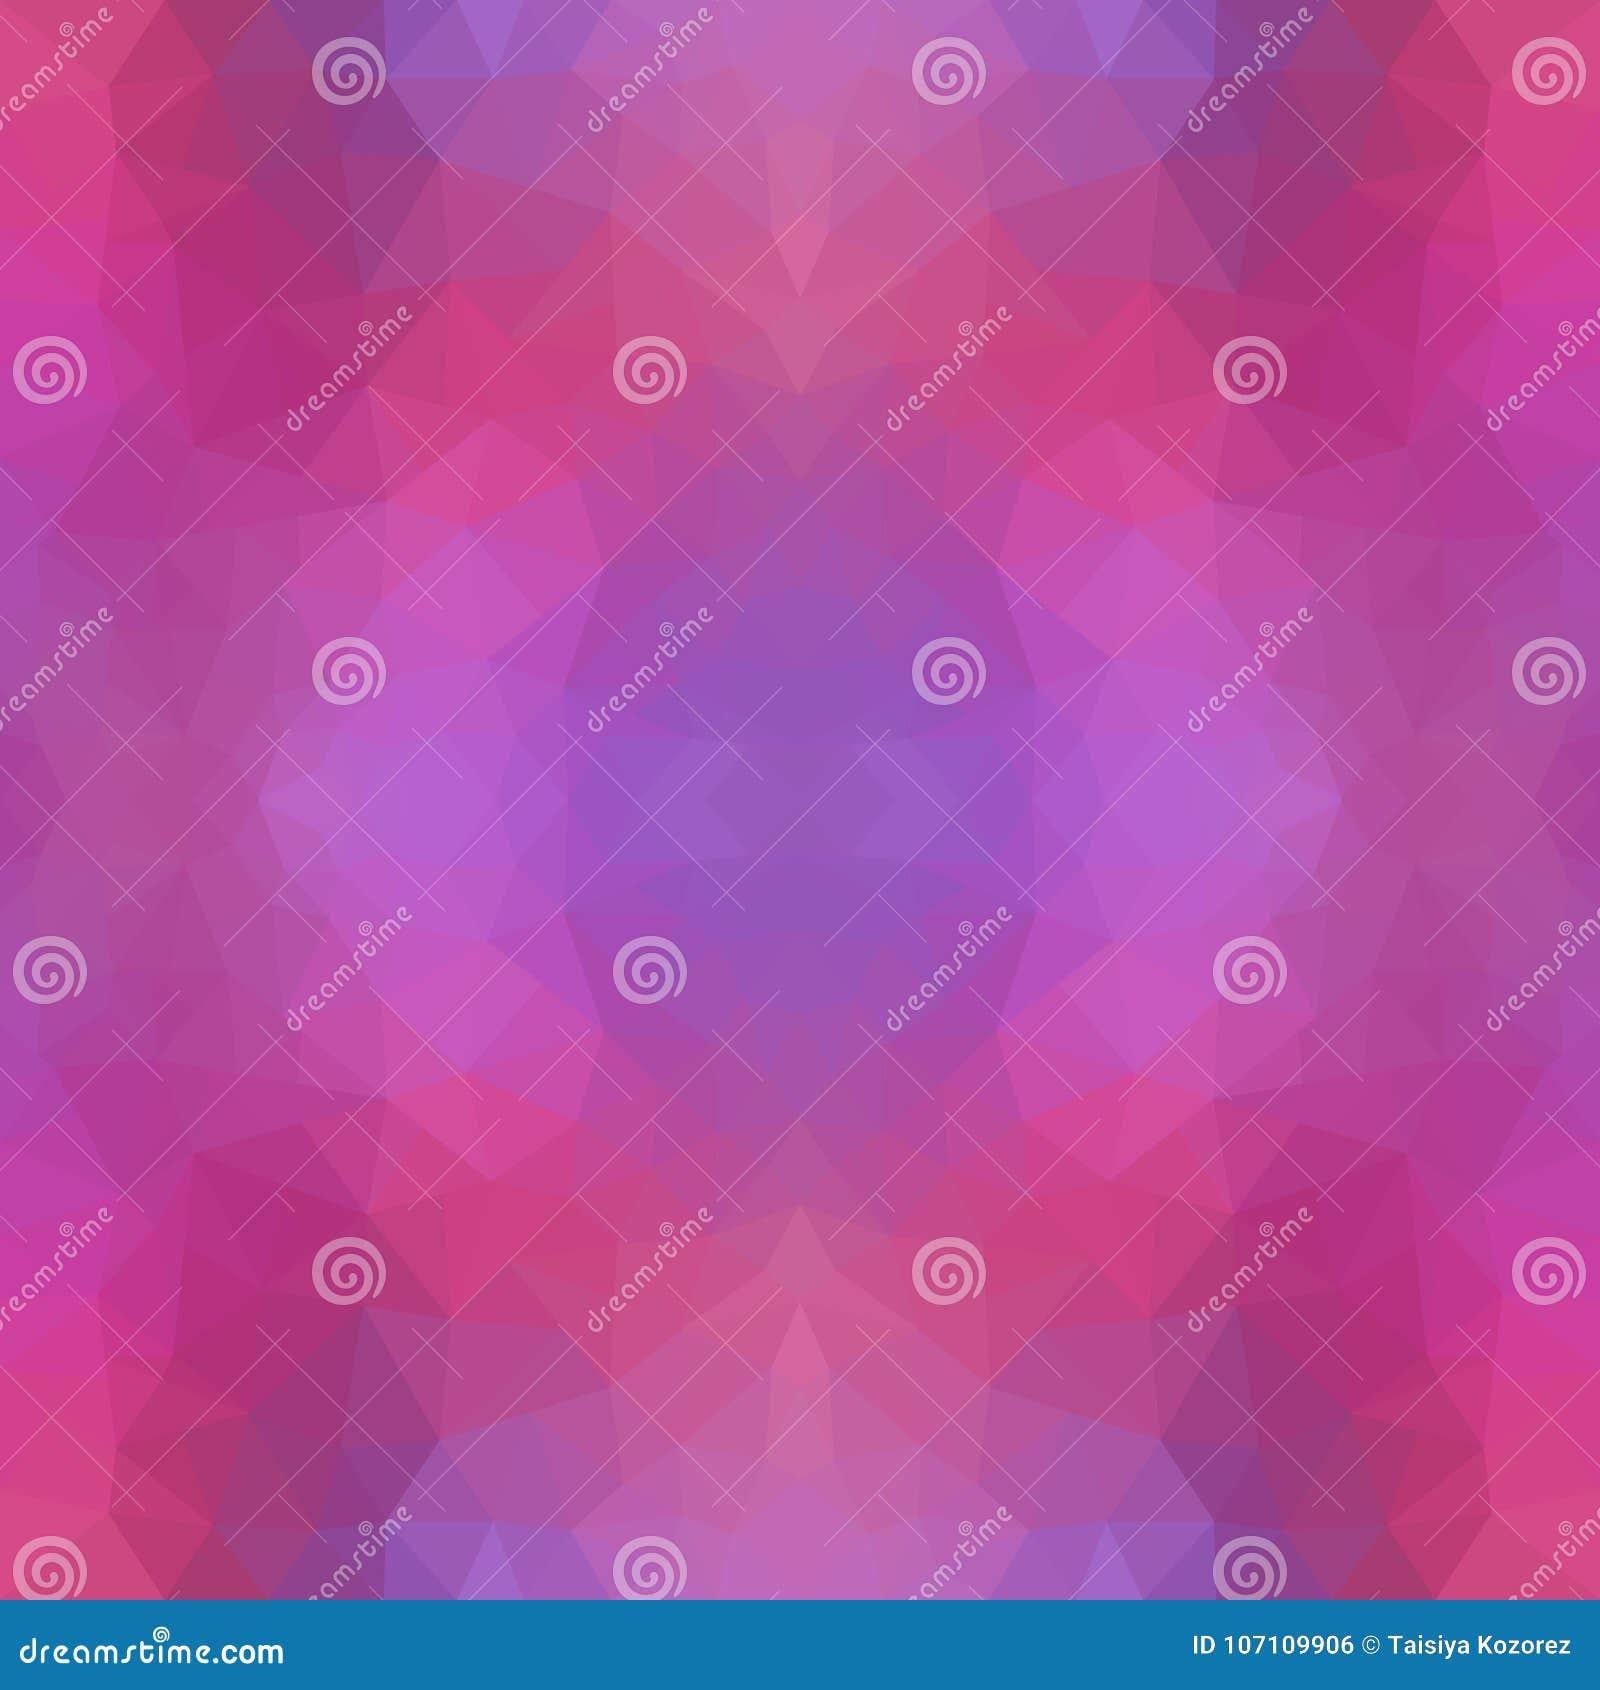 Mehrfarbenpurpur, rosa polygonale Illustration, die aus Dreiecken bestehen Geometrisches Muster in der Origamiart mit